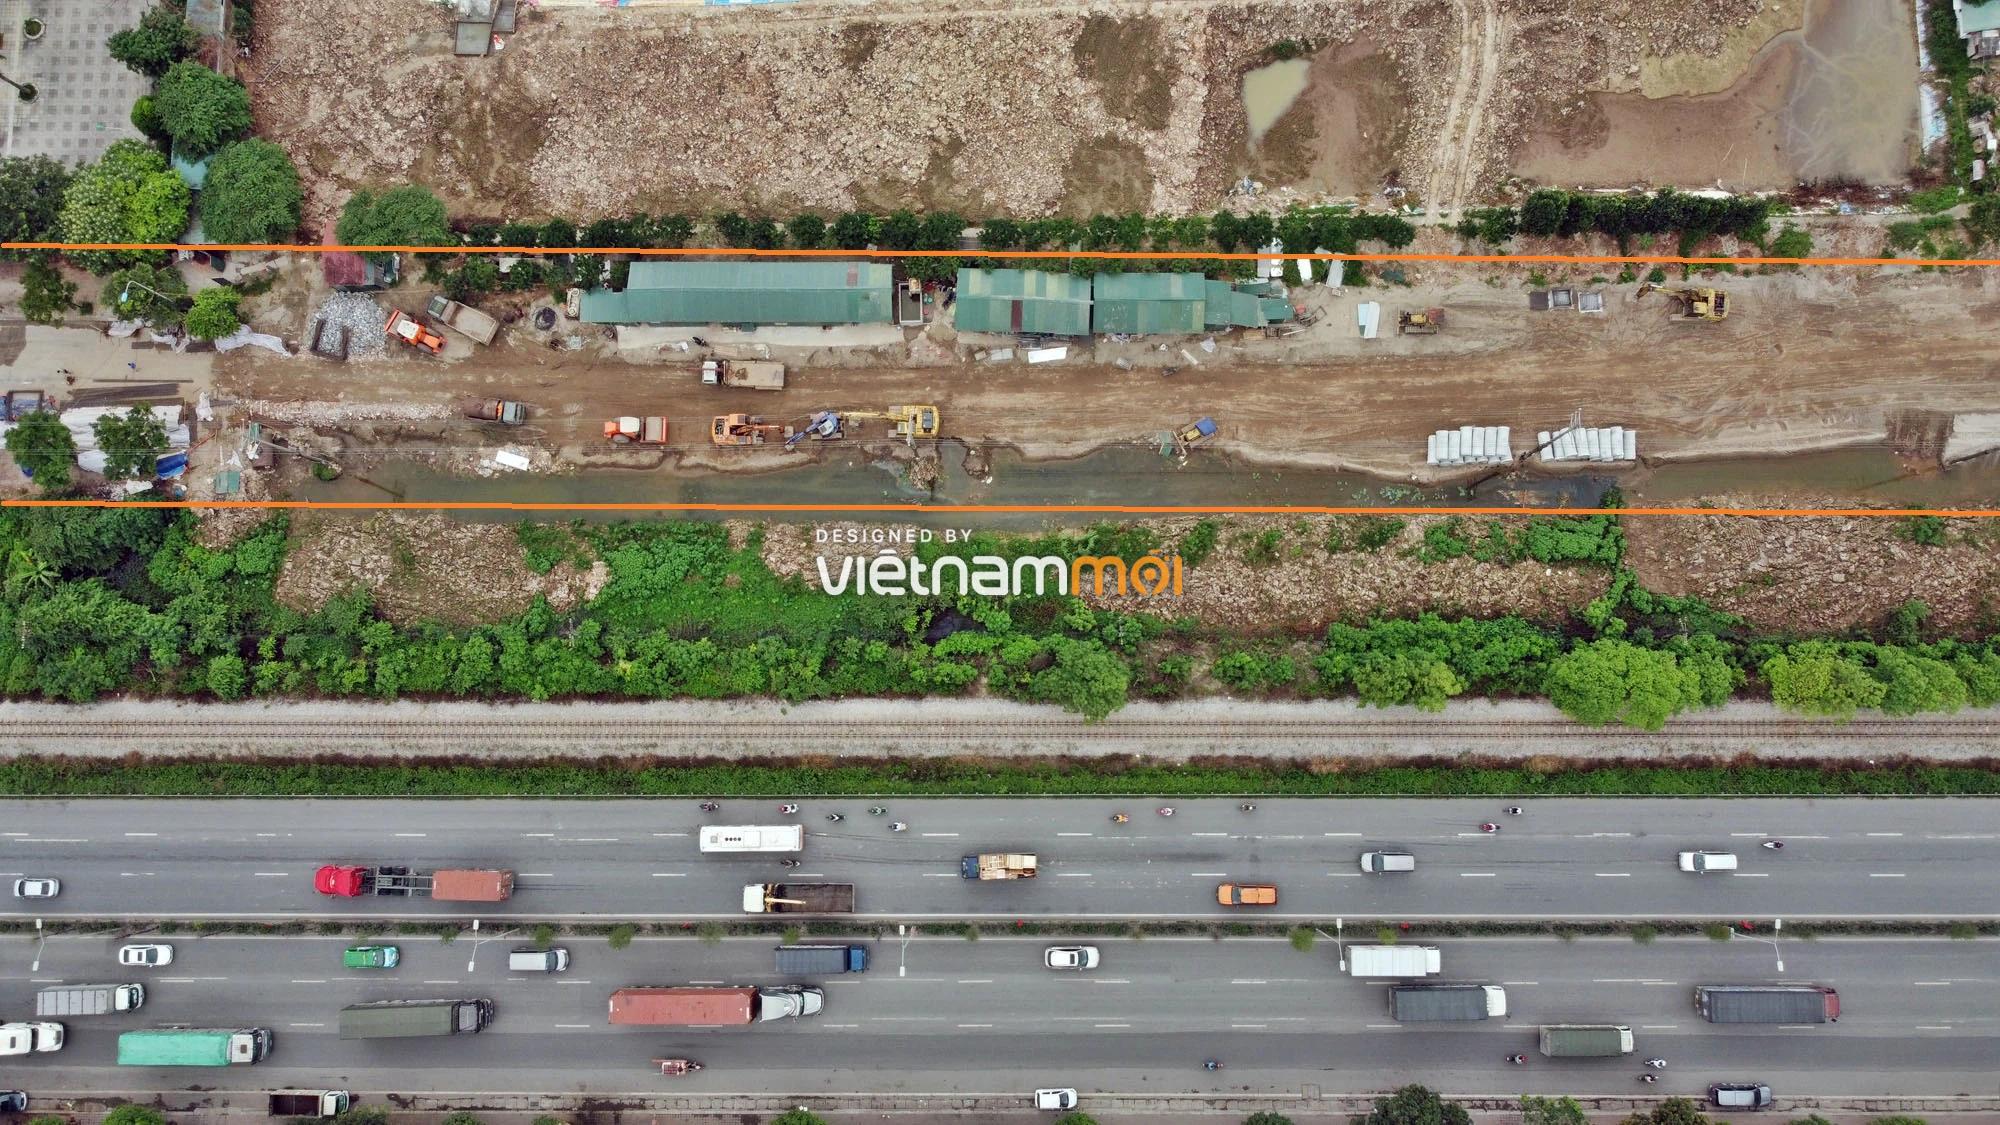 Toàn cảnh tuyến đường gom từ cầu Thanh Trì đến cầu vượt Phú Thị đang mở theo quy hoạch ở Hà Nội - Ảnh 9.